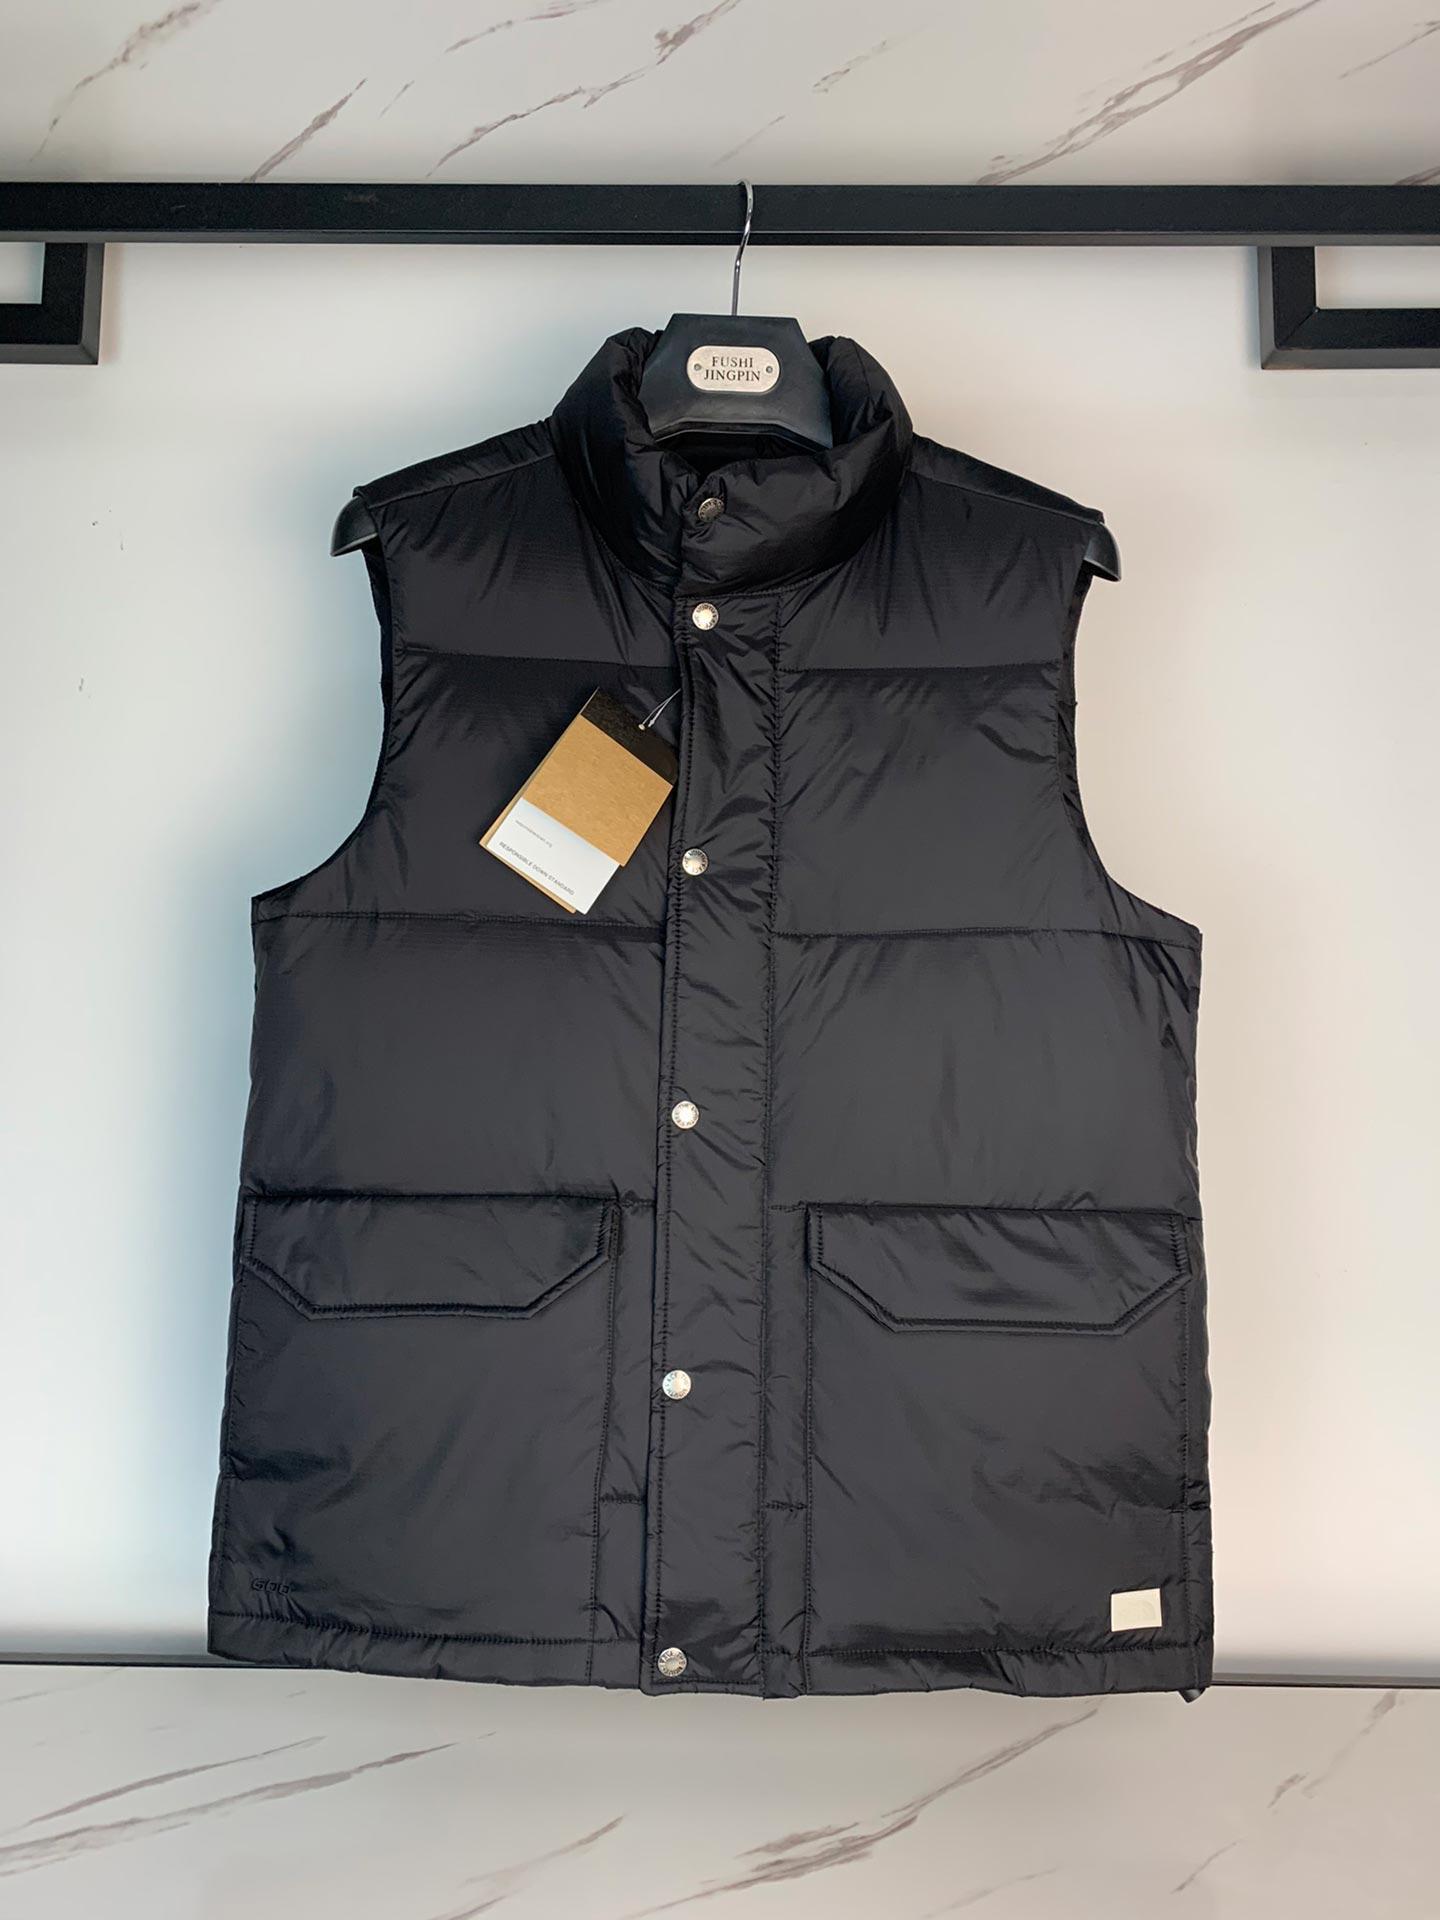 Coletes designer jaqueta para baixo colete homens mulheres casaco moda colete jaquetas homens outerwear Downs casacos sem mangas de inverno de outono N07